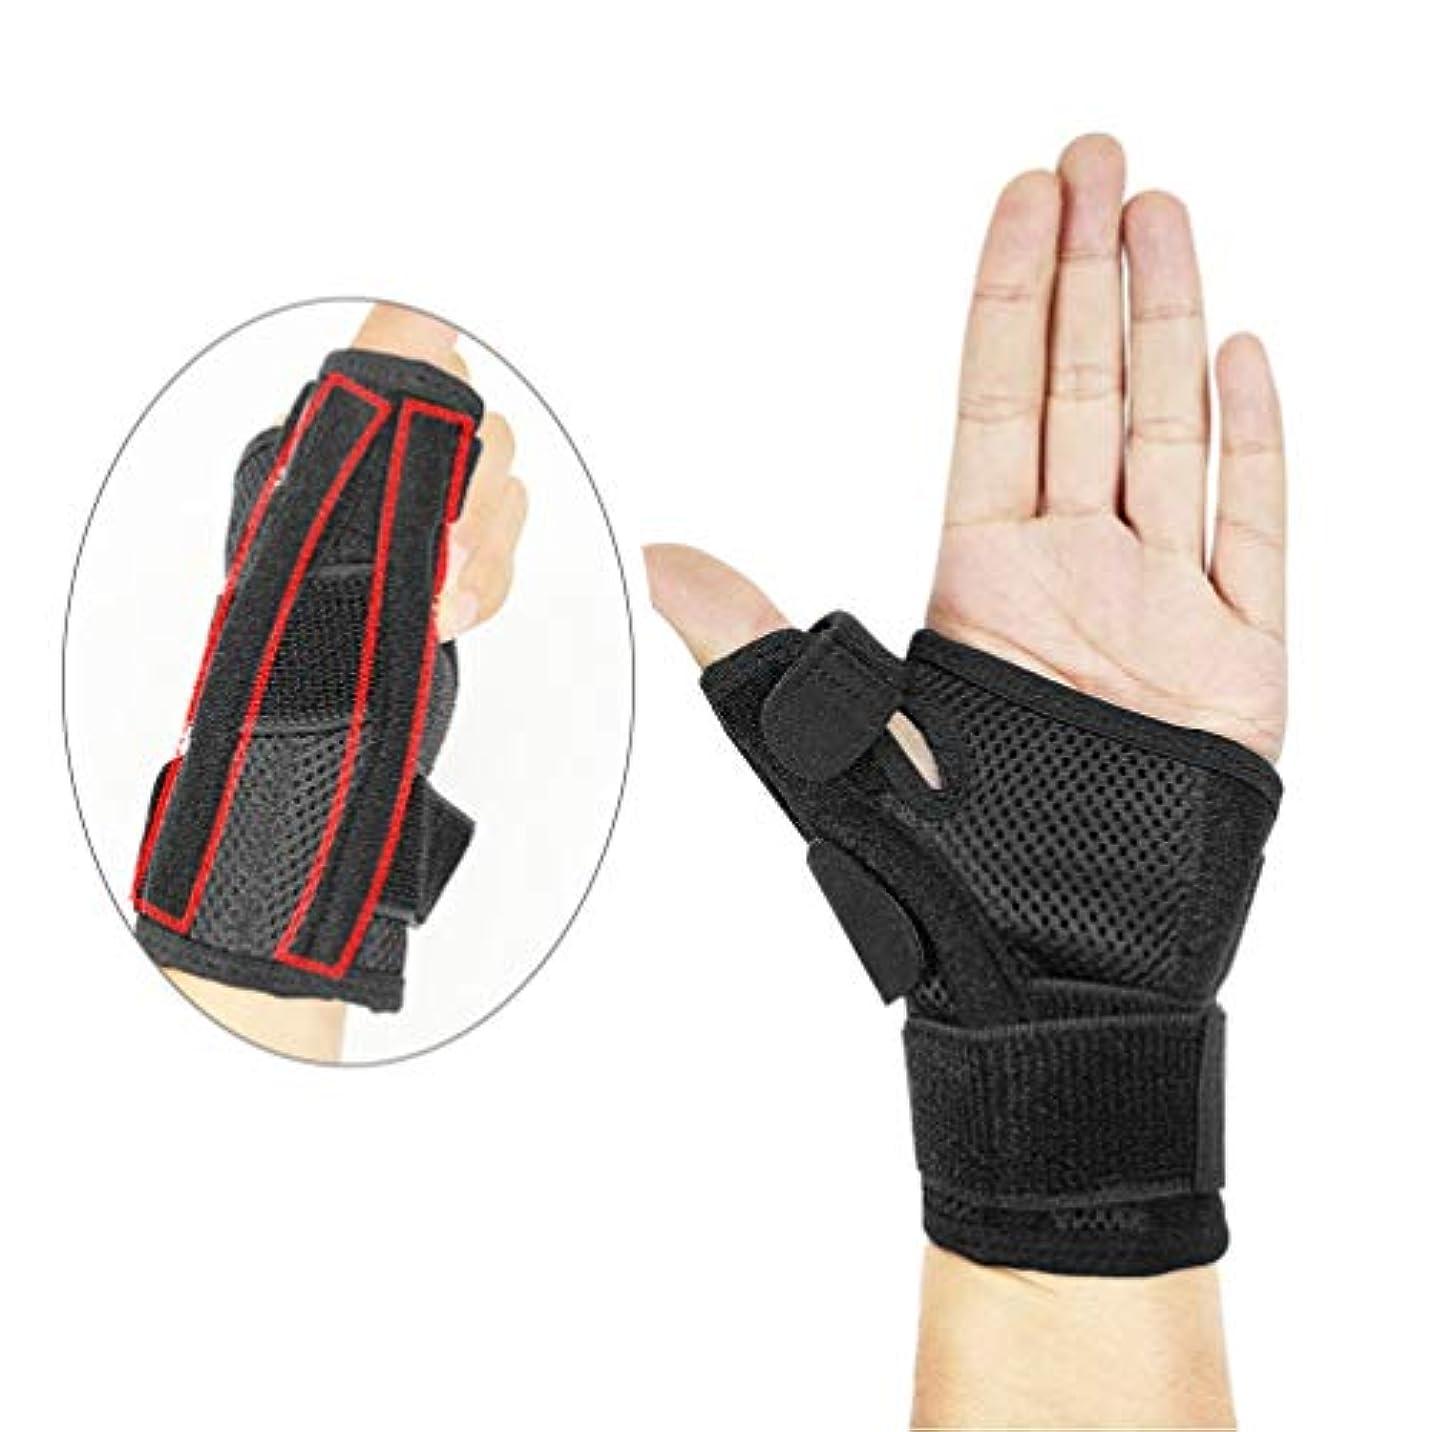 高速道路ブロックする管理者Heallily 手首の圧縮手首のトンネルの苦痛救助、関節炎、腱炎のための1つの手首の圧縮の袖の調節可能な手首の支柱の保護装置